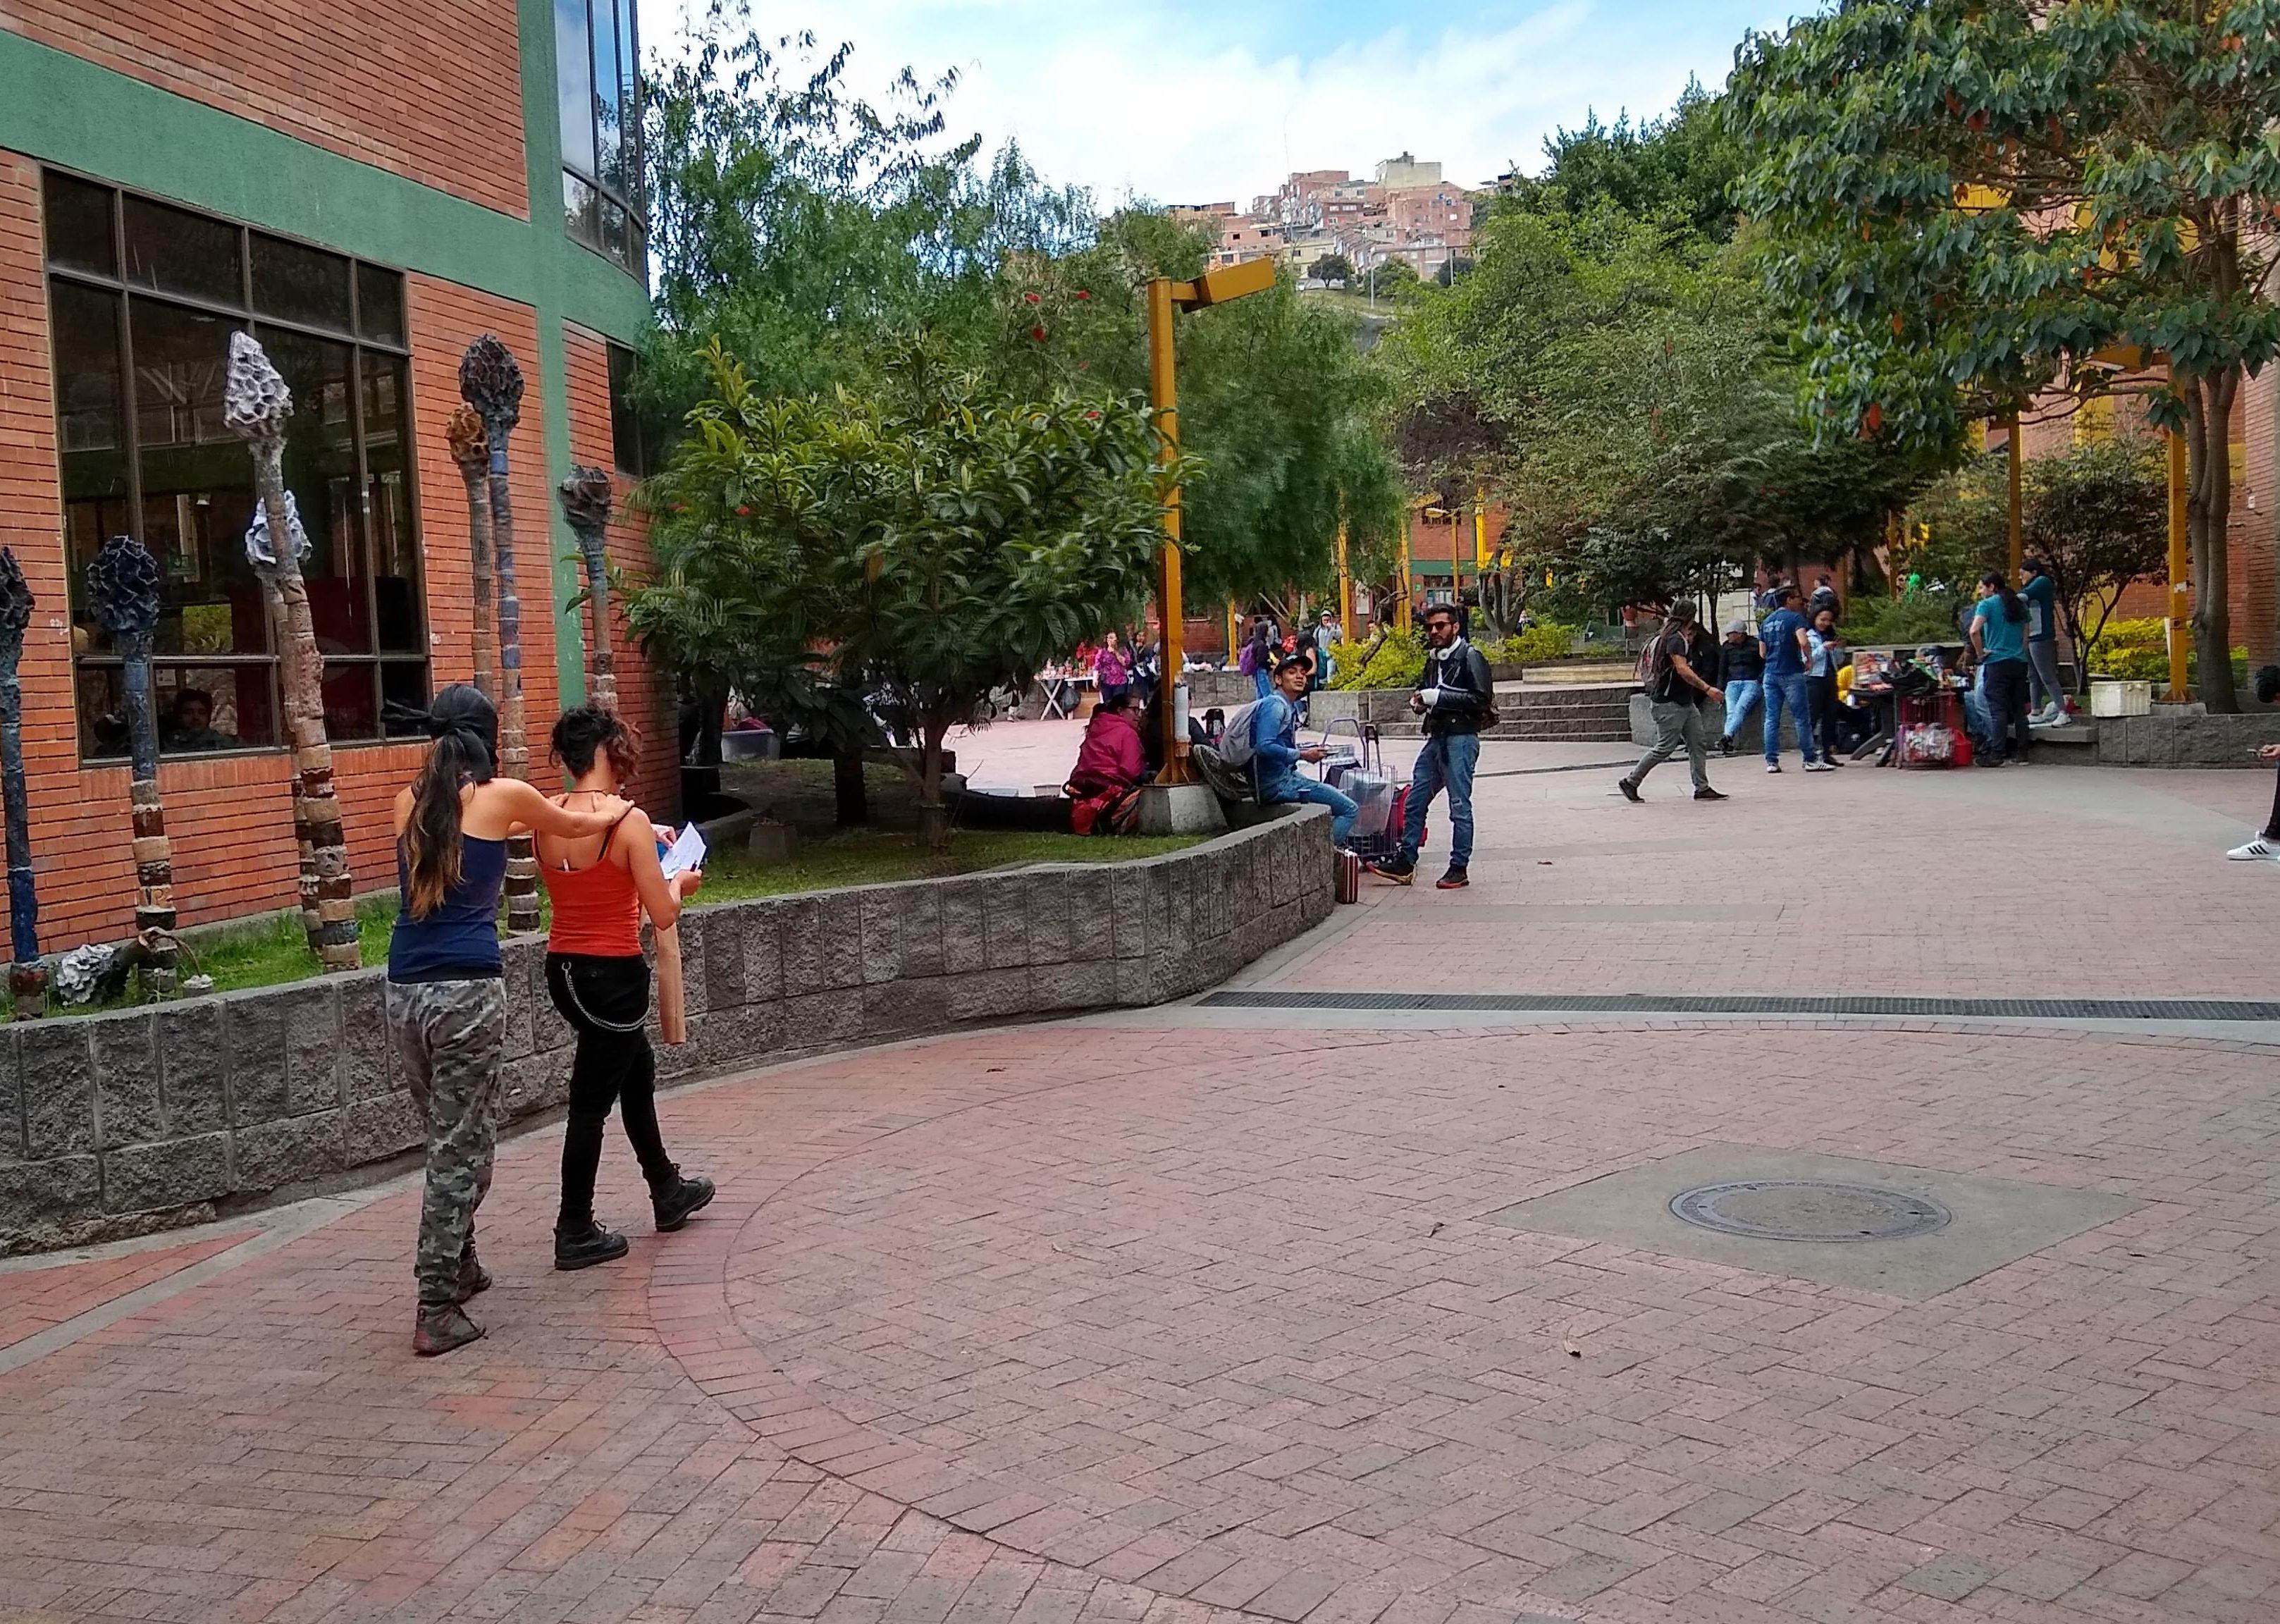 Dos estudiantes caminando en la facultad tecnológica una de ellas cogida de los hombros de la otra ya que tiene vendados los ojos